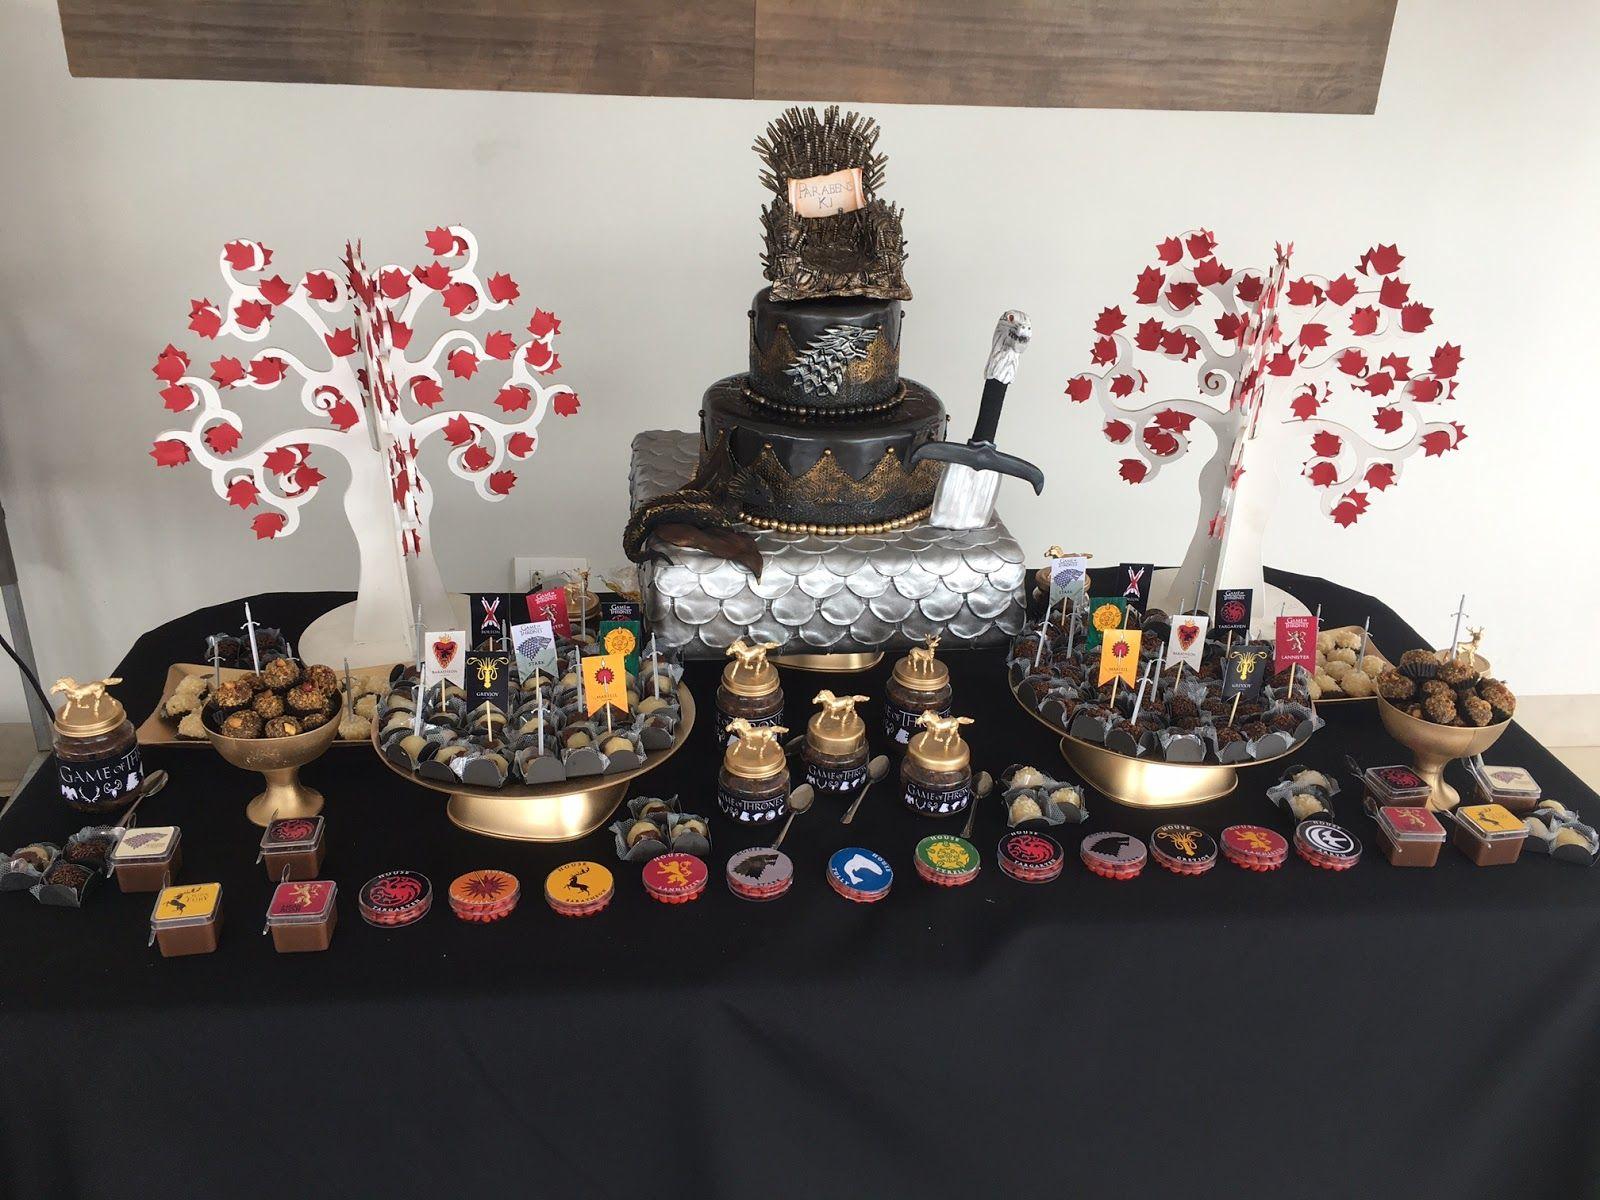 Matrimonio Tema Game Of Thrones : Decoração aniversário game of thrones bolo fake